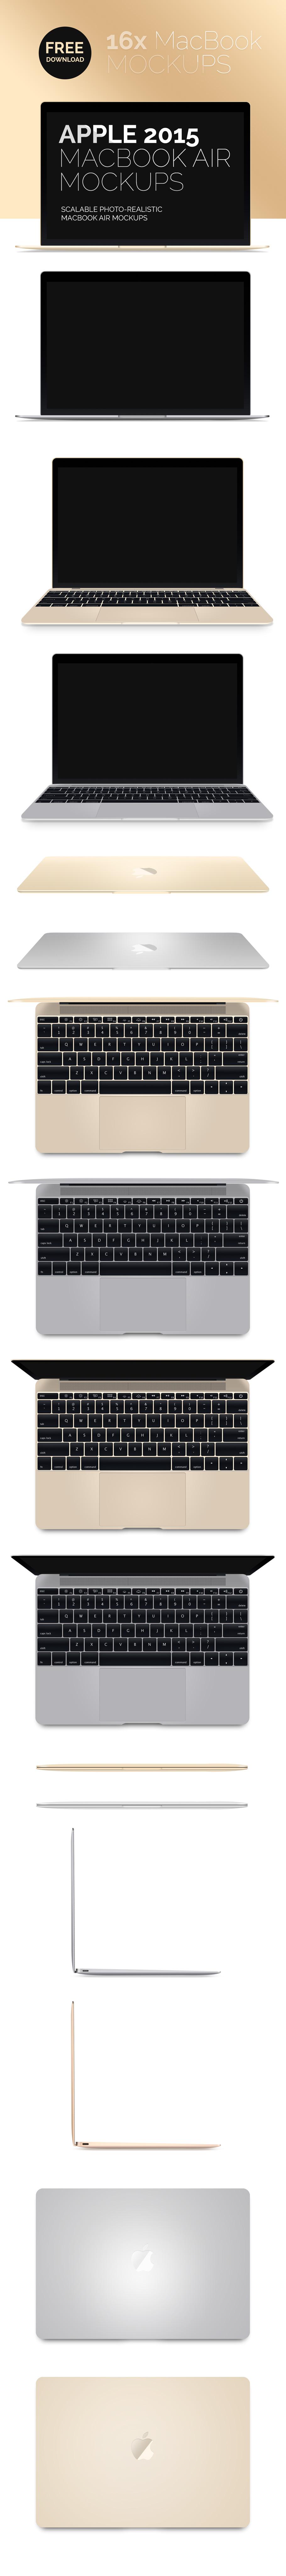 Download new macbook air 2015 mockup